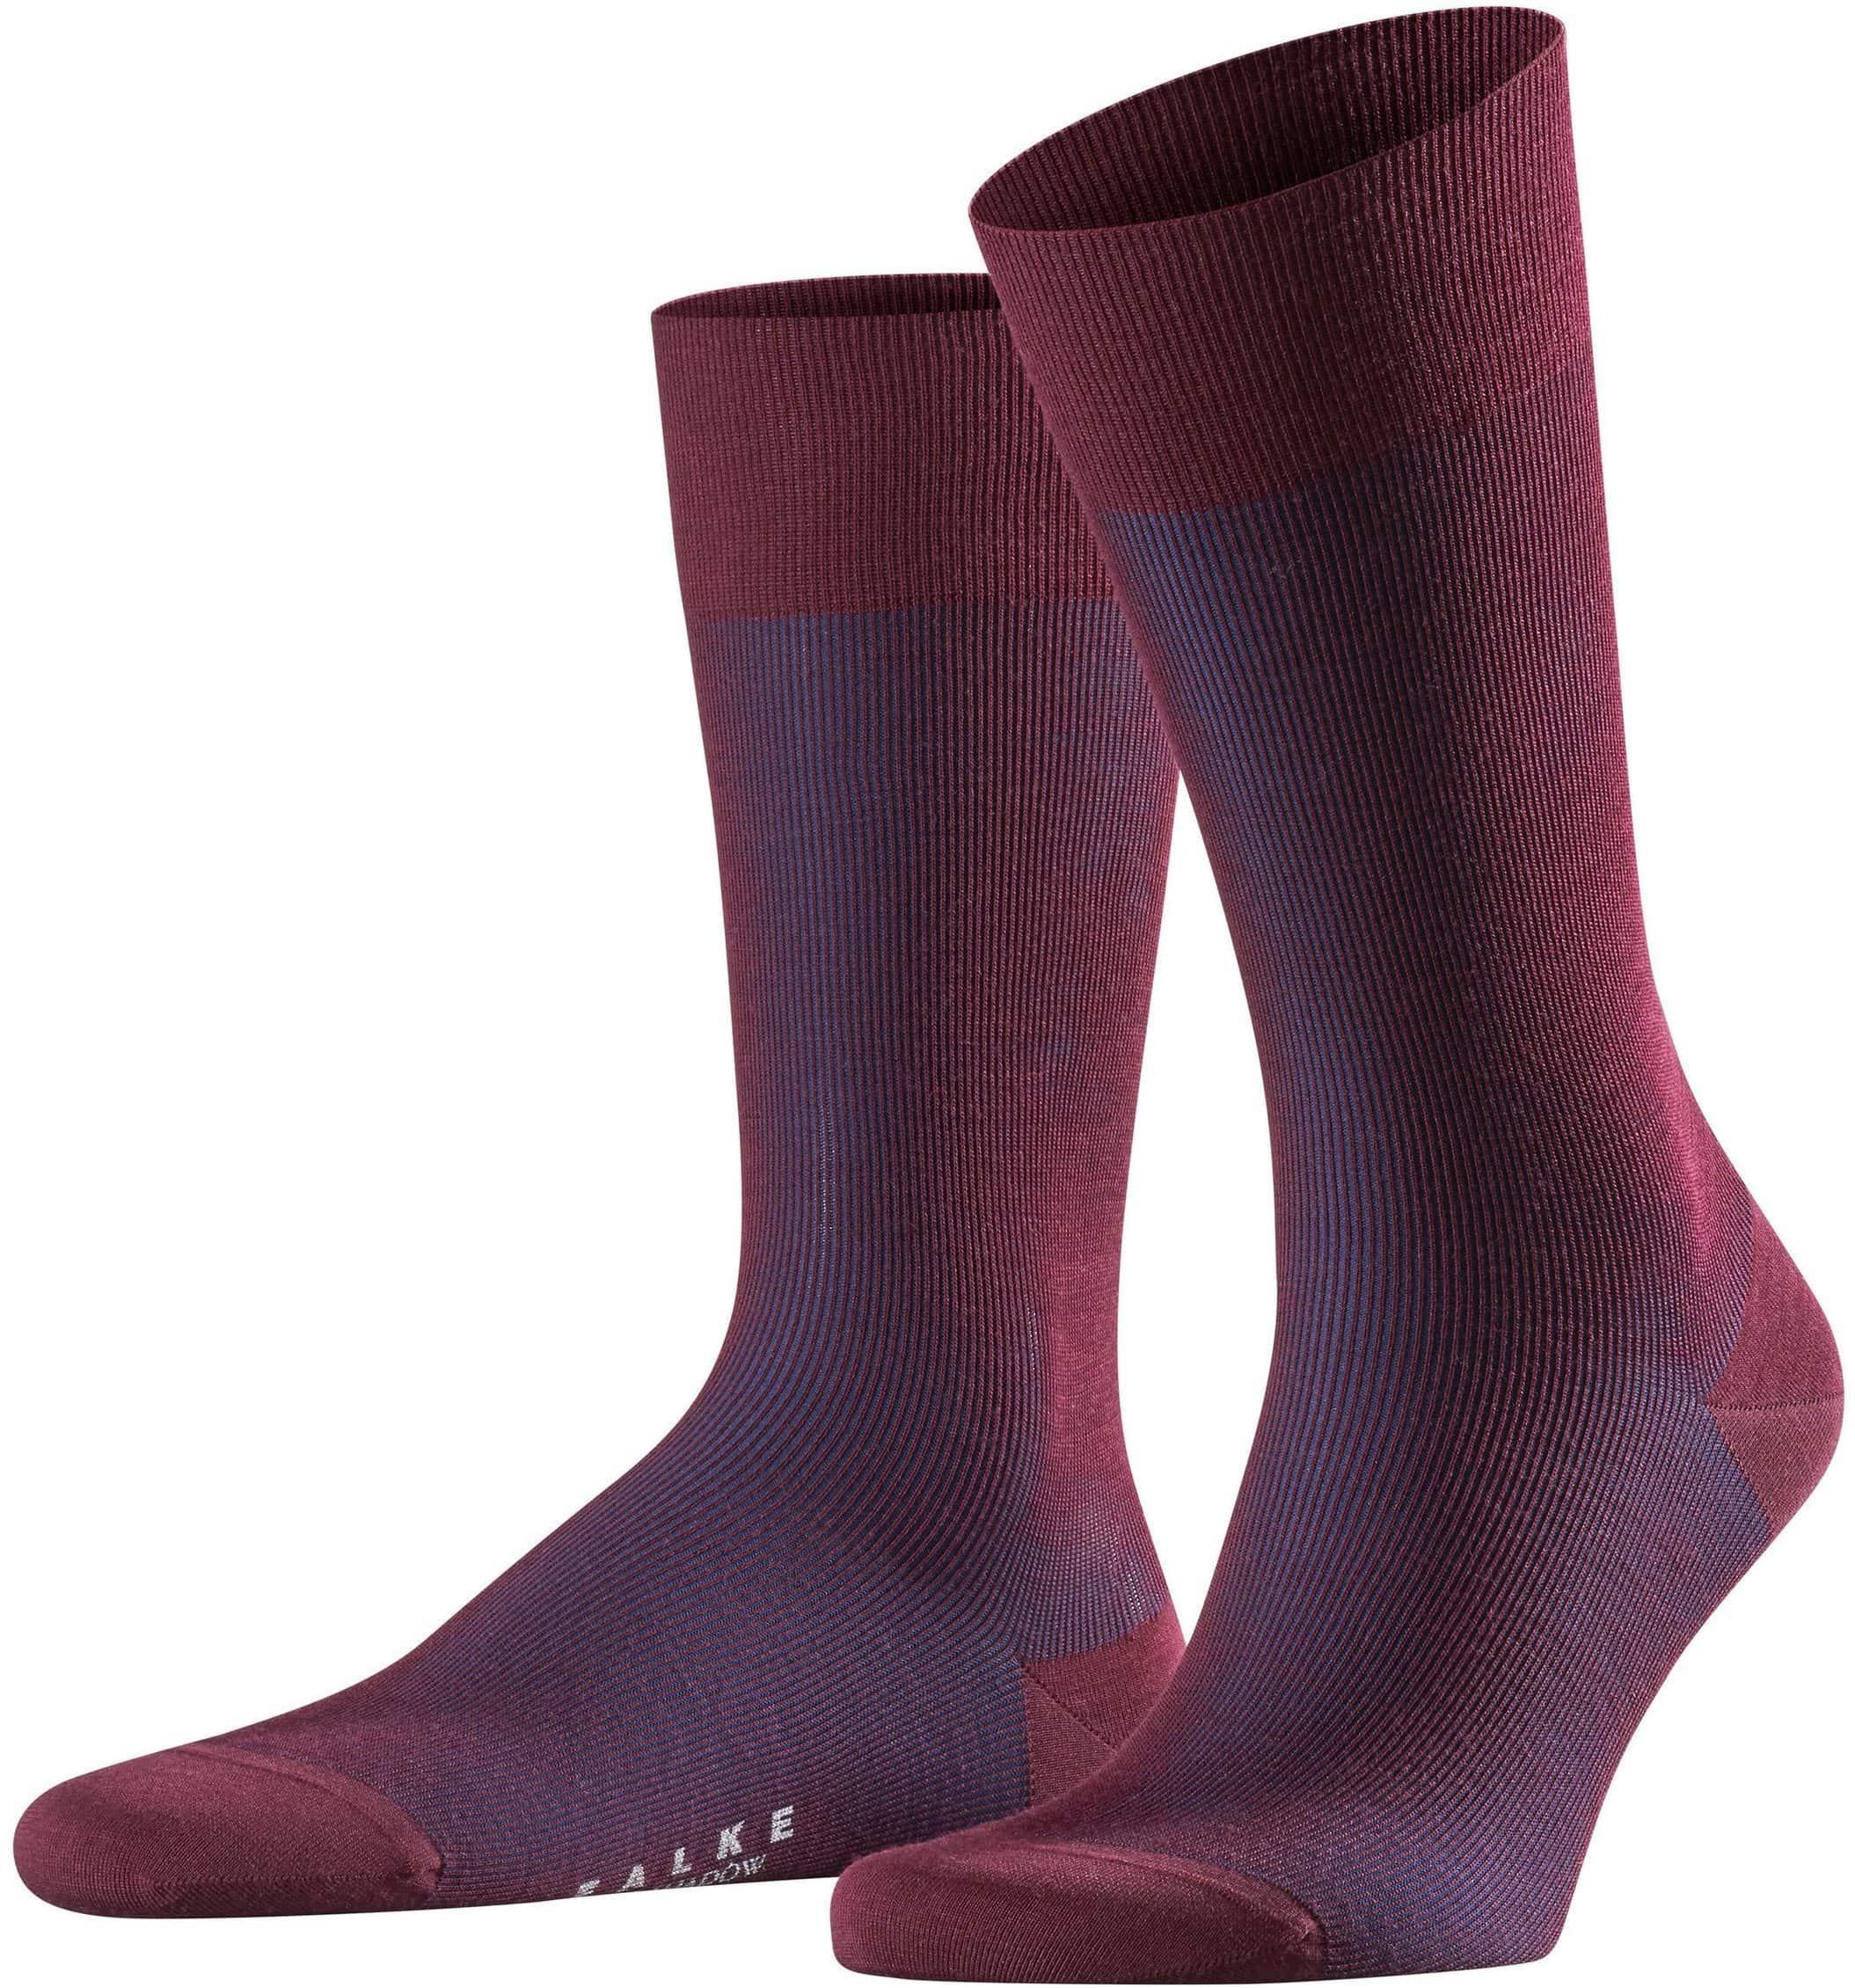 Falke Socks Gift Box Kobalt & Bordeaux foto 1